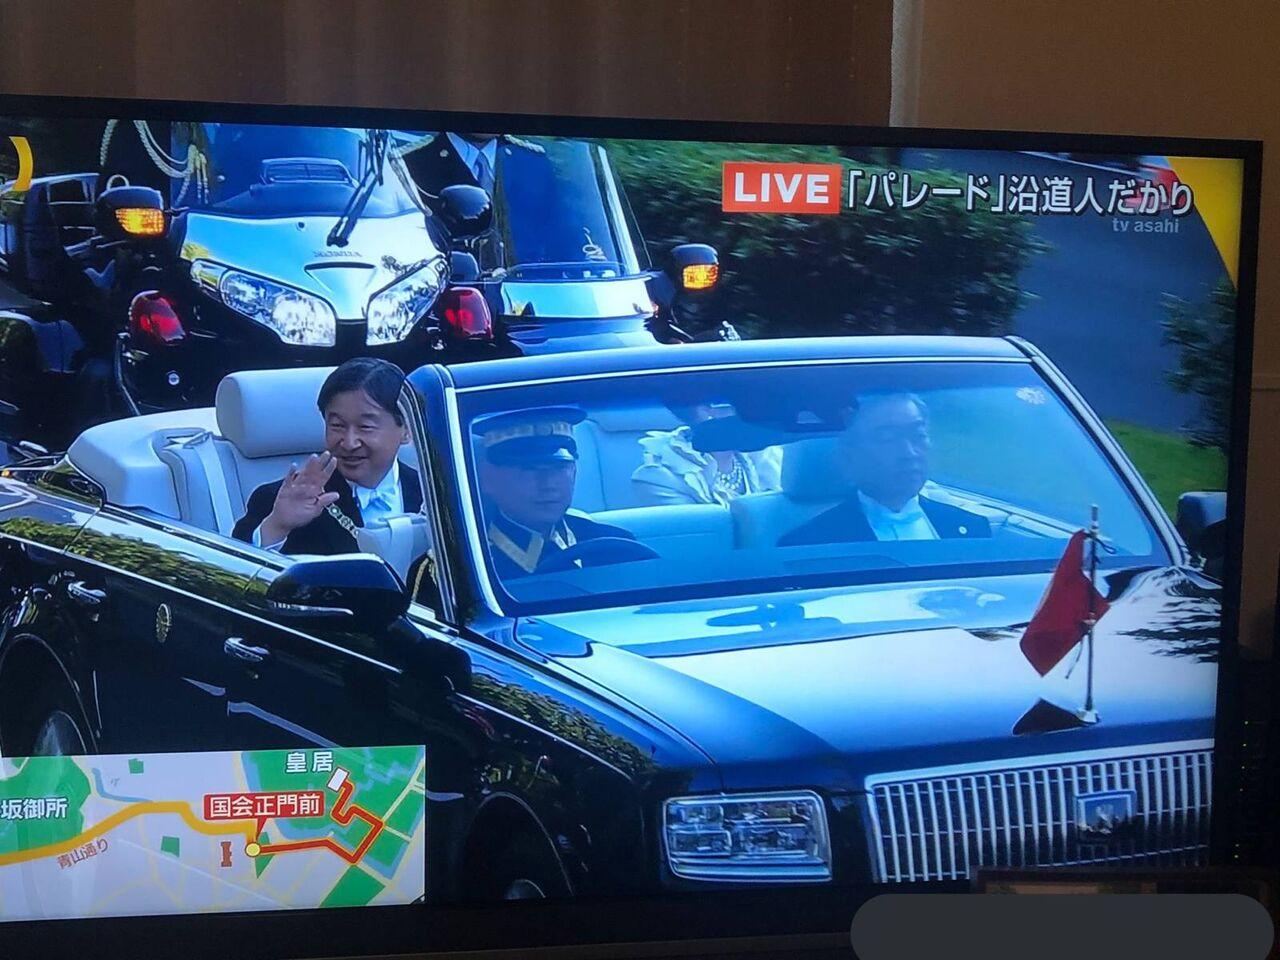 """【悲報】天皇パレード、""""天皇が乗る車"""" に非難殺到wwwwwのサムネイル画像"""